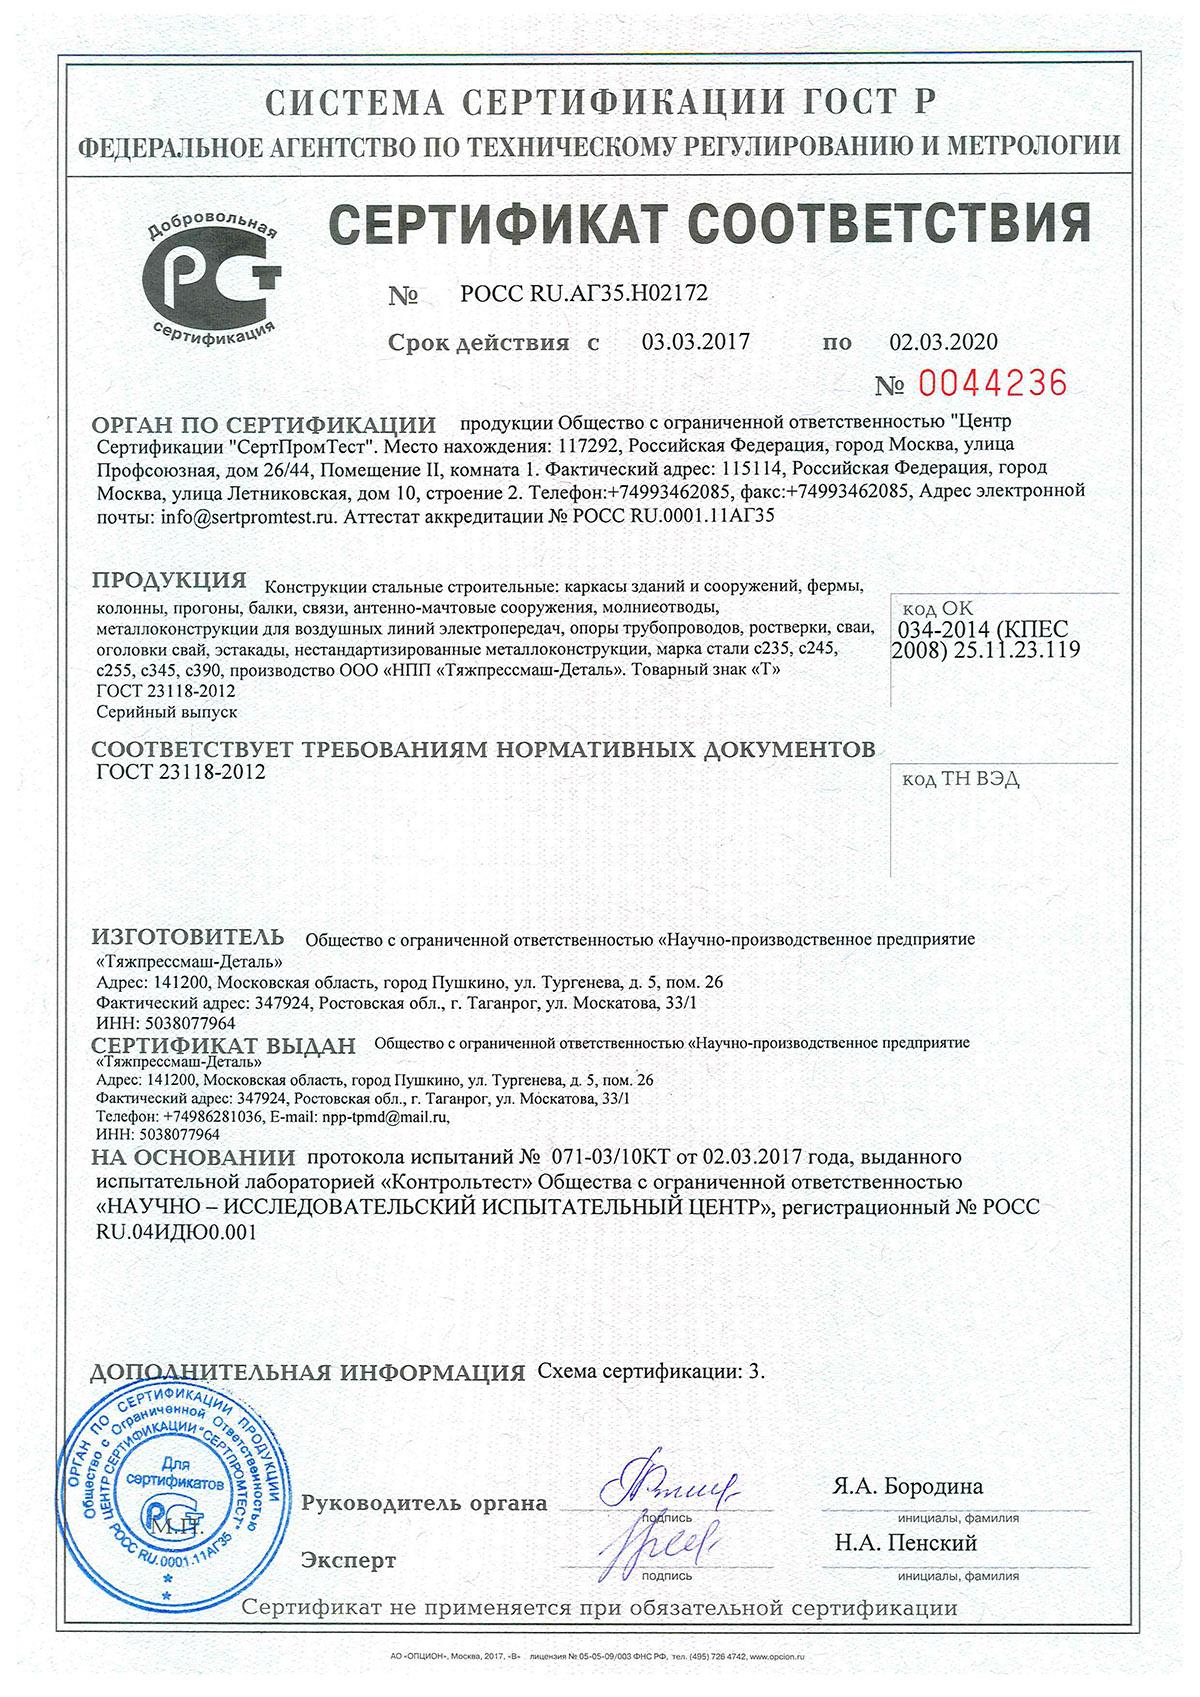 Структура номера сертификата соответствия гост р сертификация по тр тс 026/2012